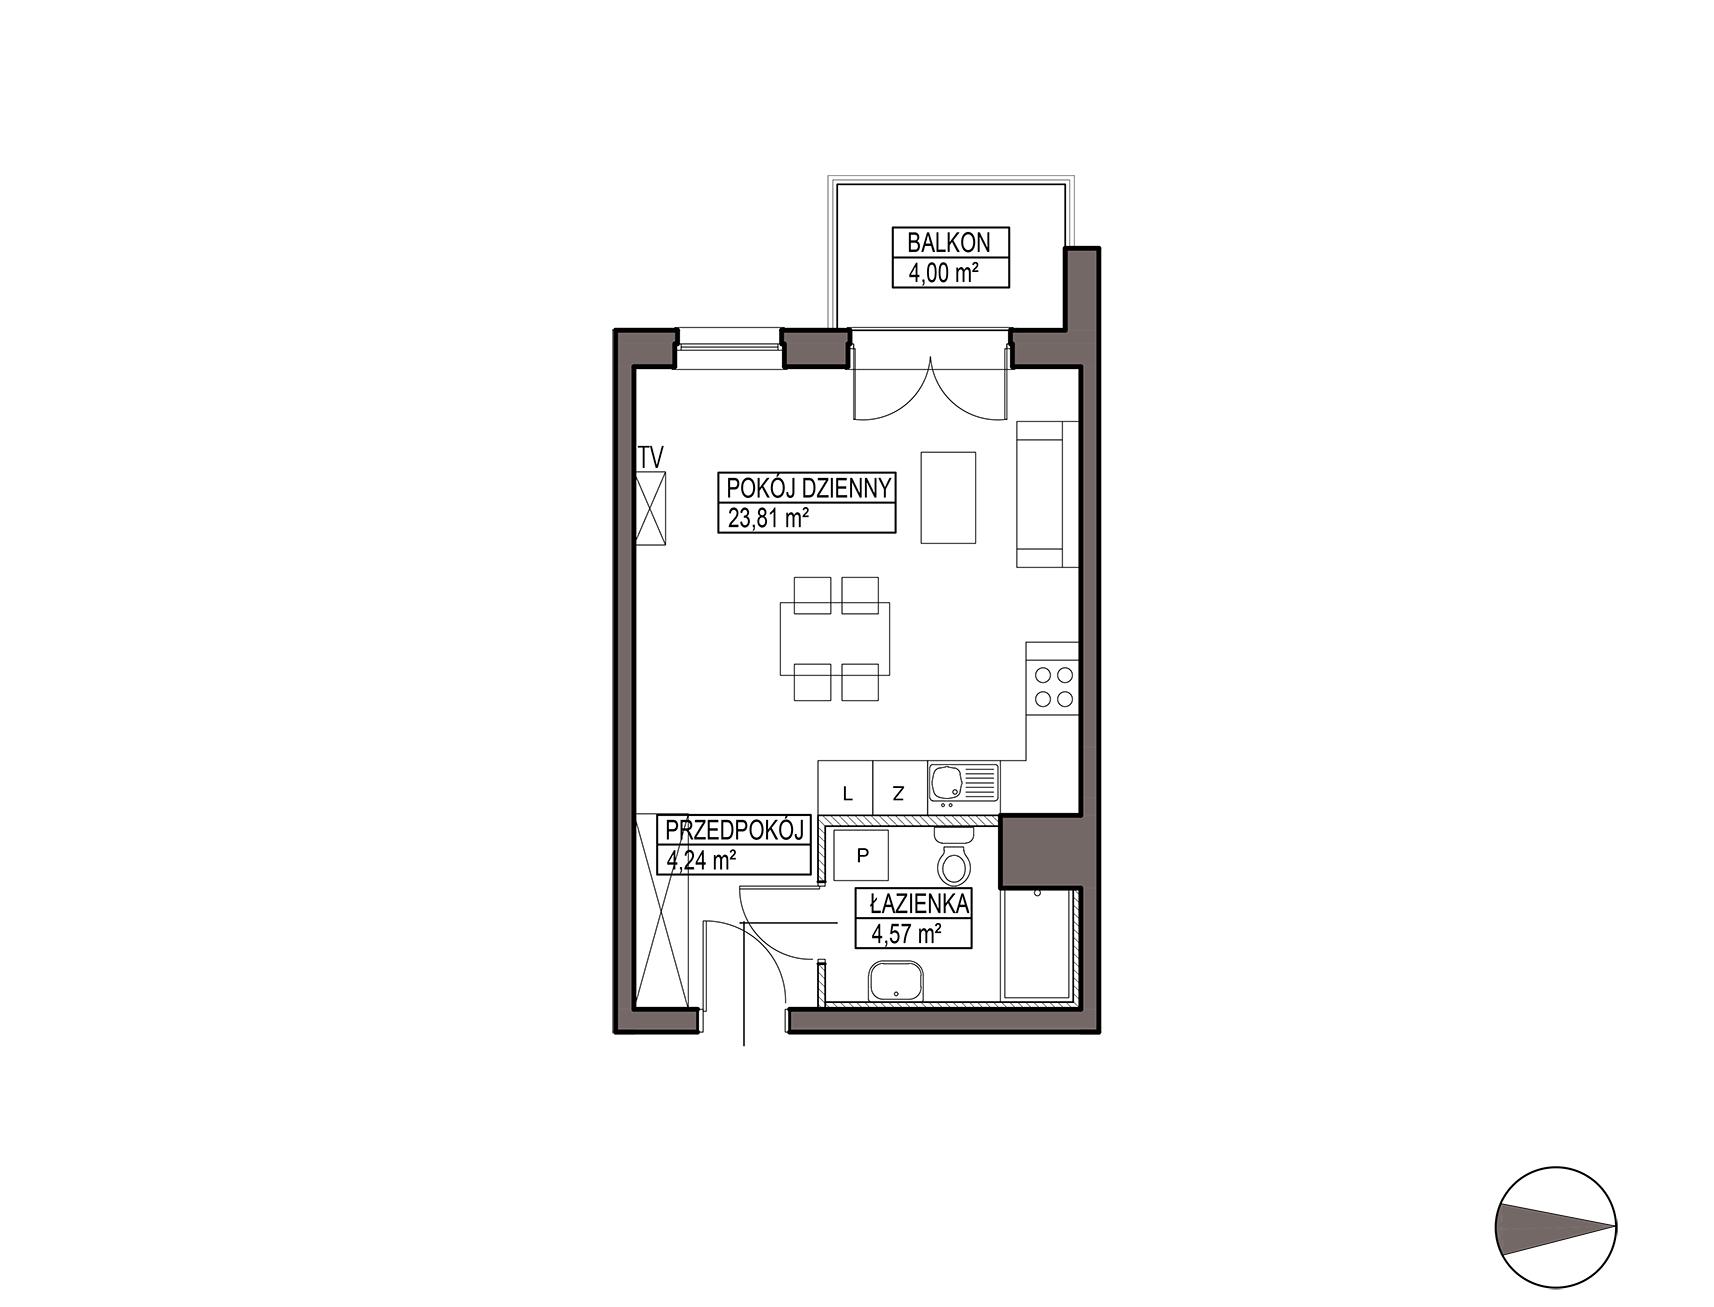 Uroczysko III / budynek 5 / mieszkanie G/2/41 rzut 1